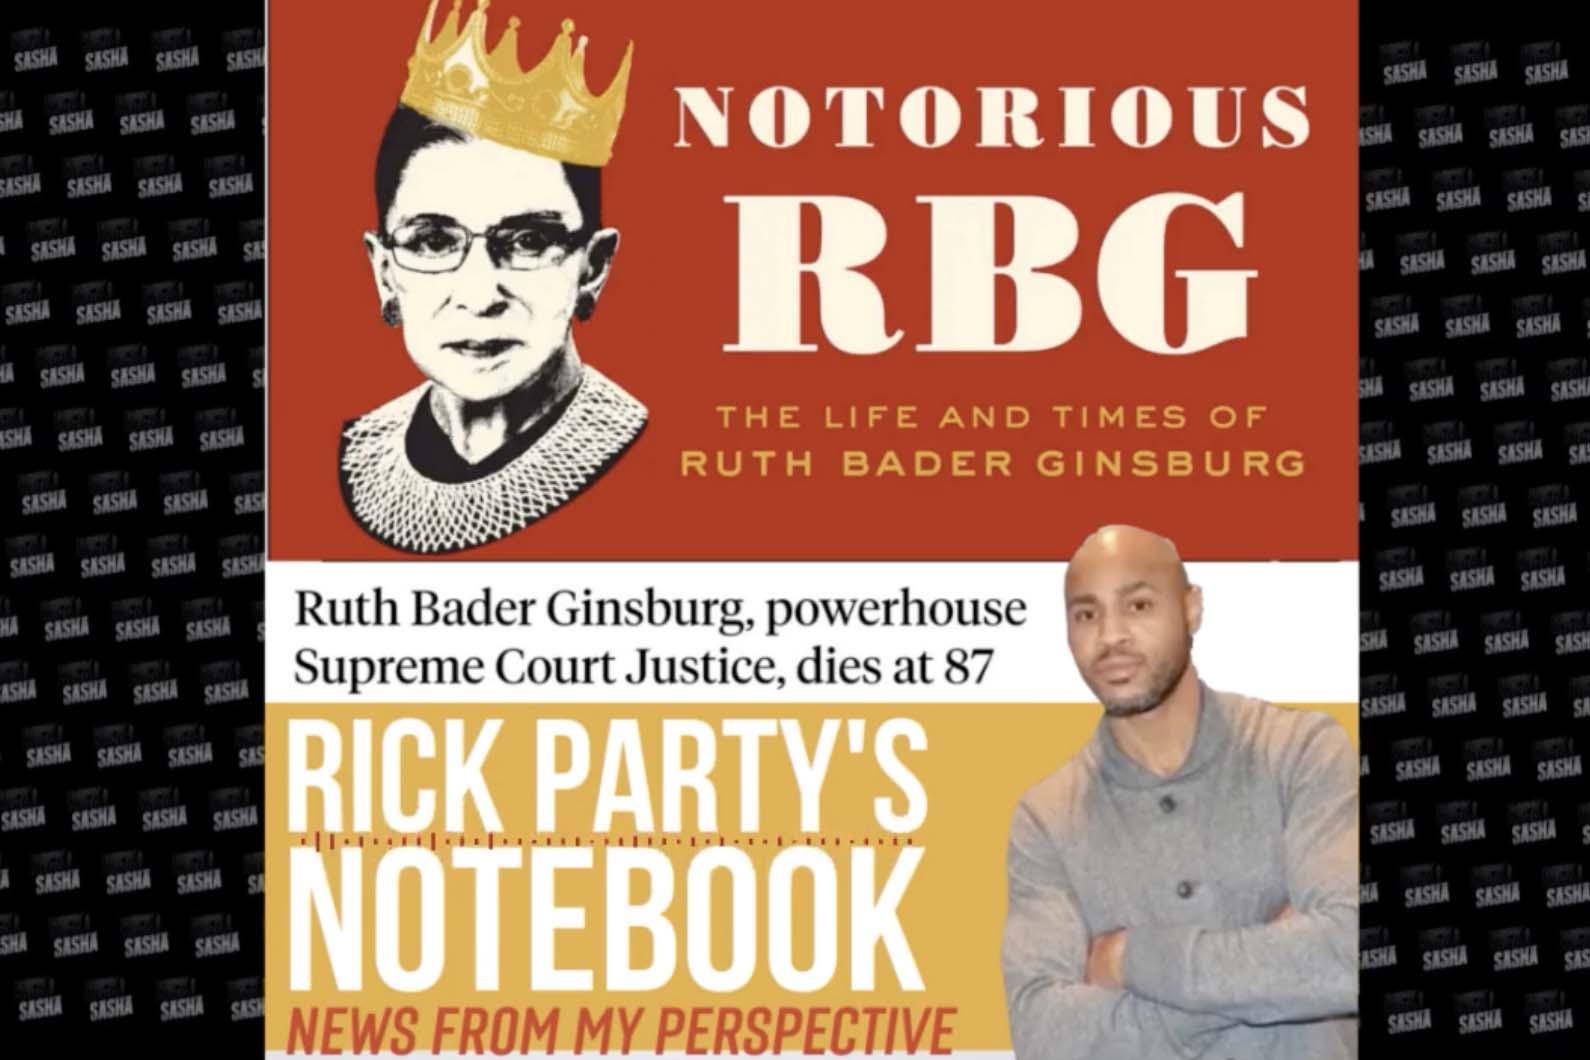 Rick Party's Notebook: Justice Ruth Bader Ginsburg Dies at 87